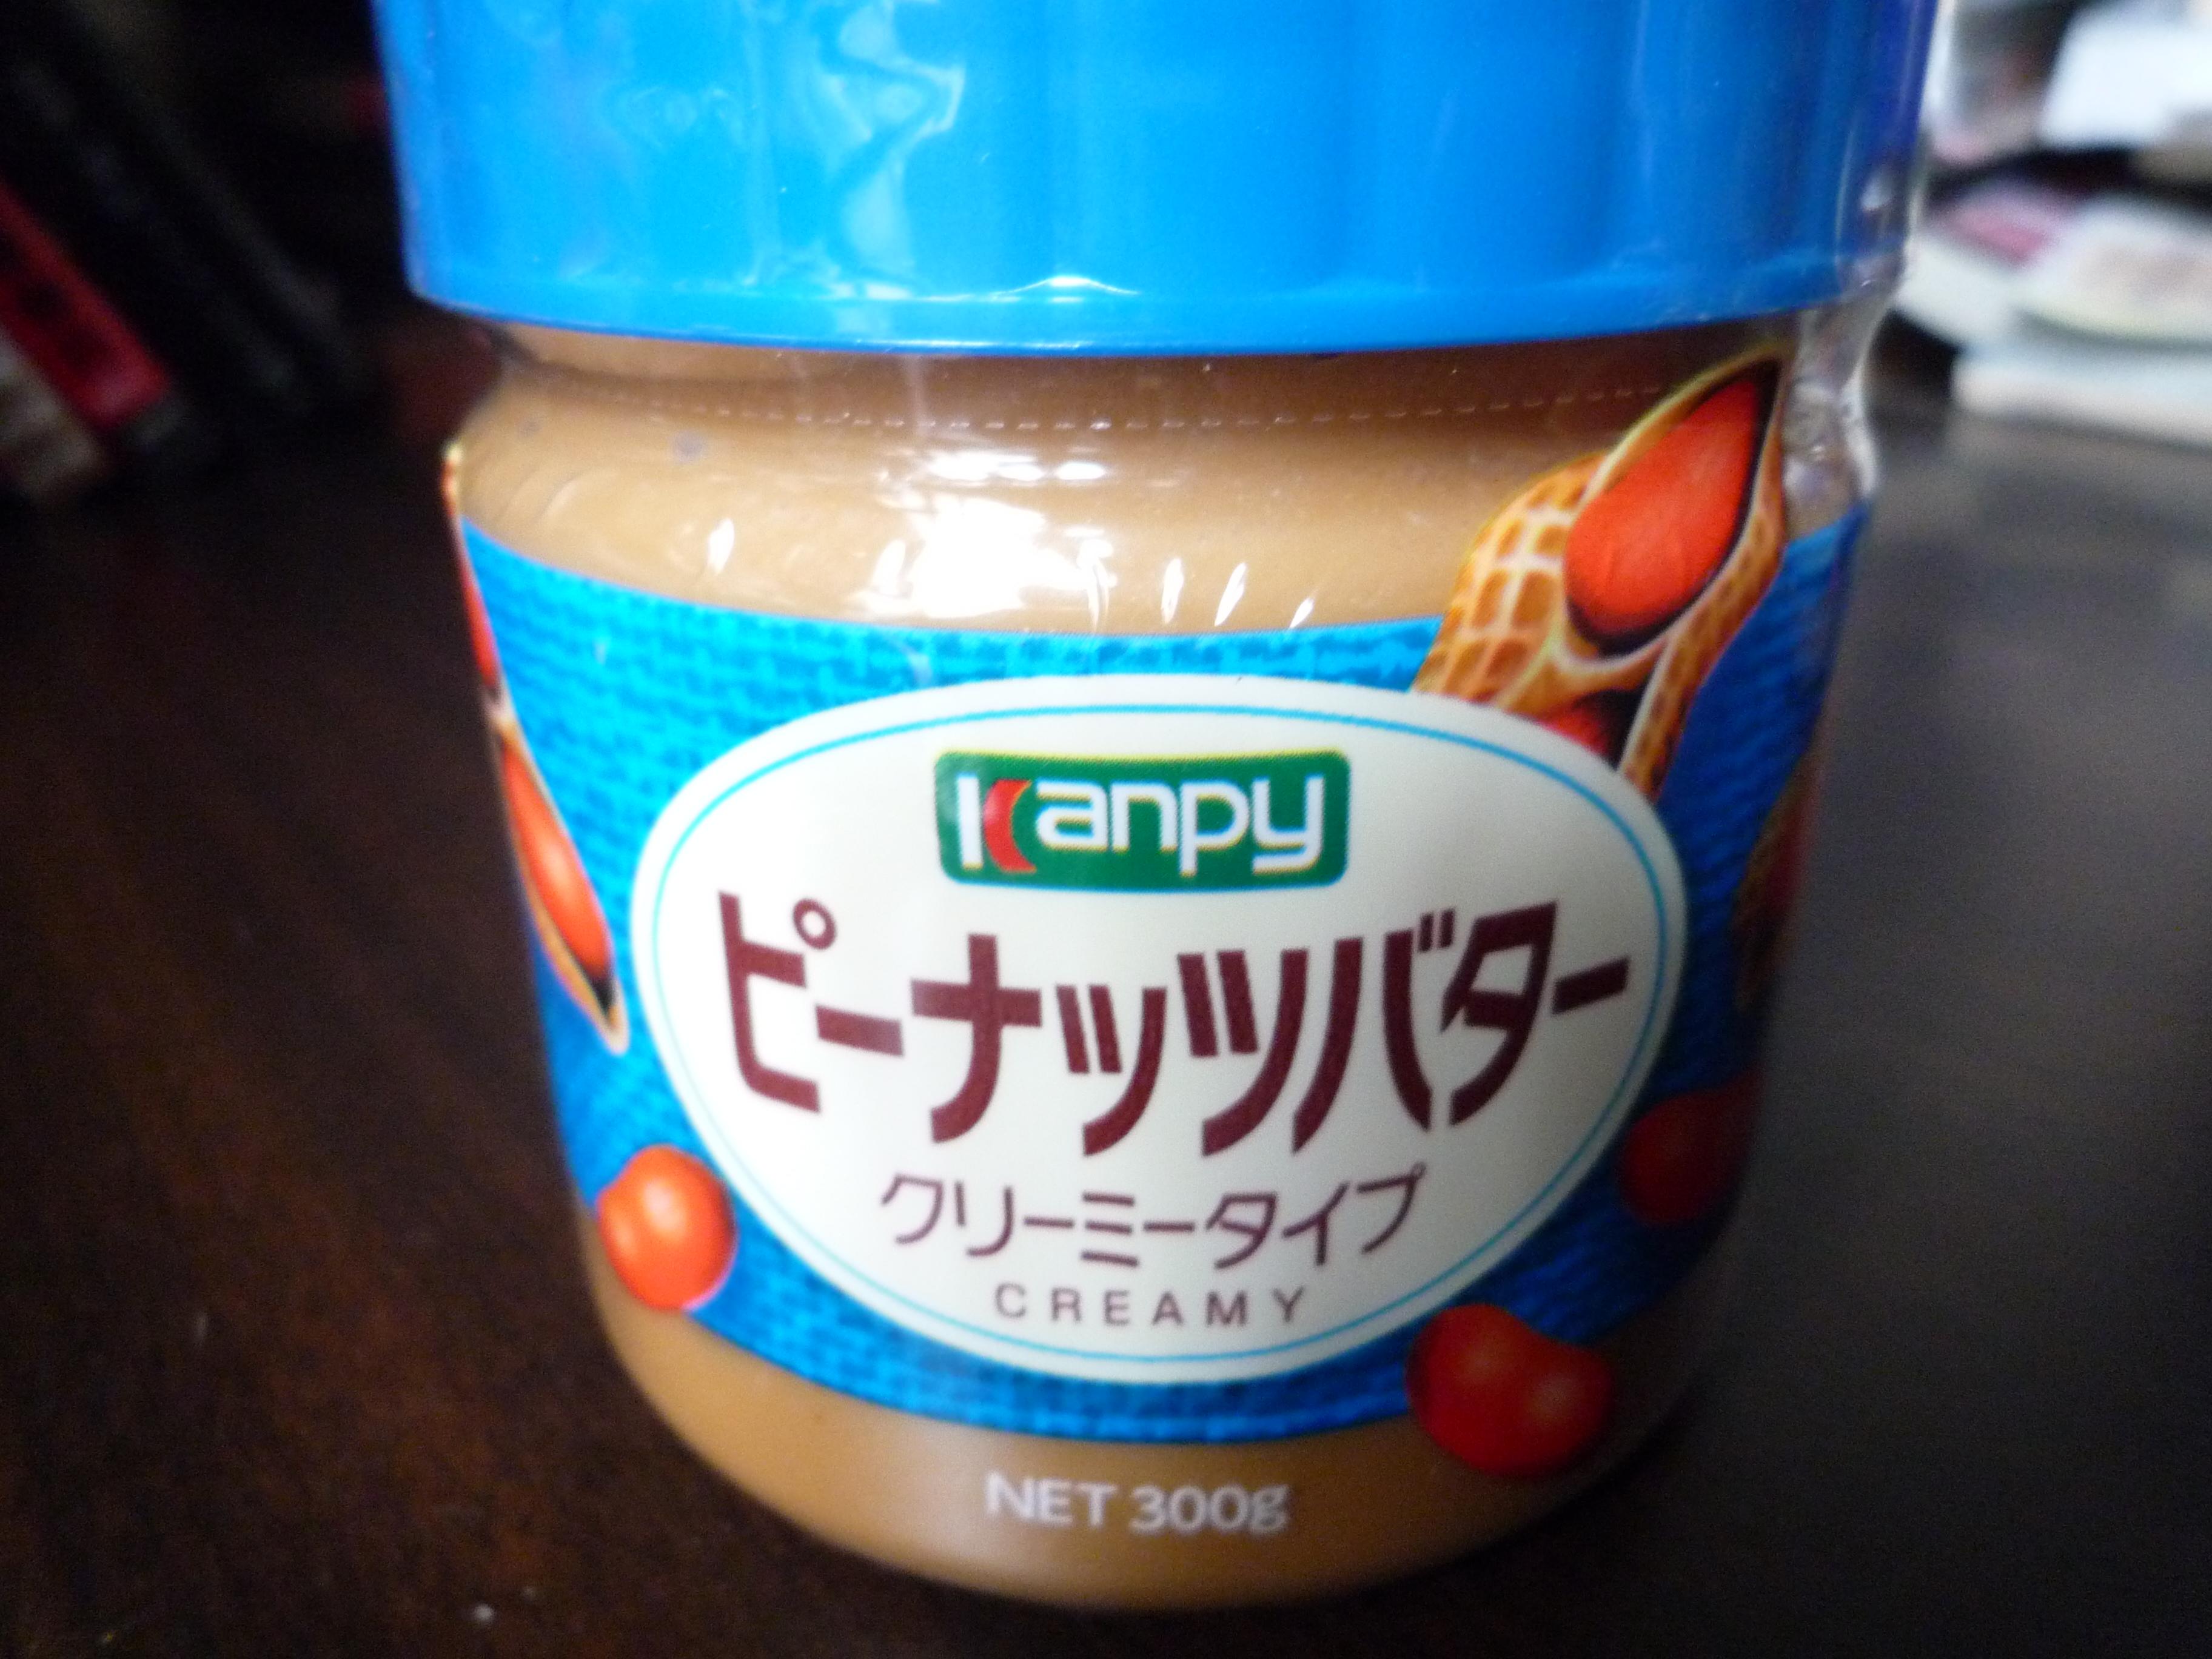 カンピー ピーナッツバタークリーミー